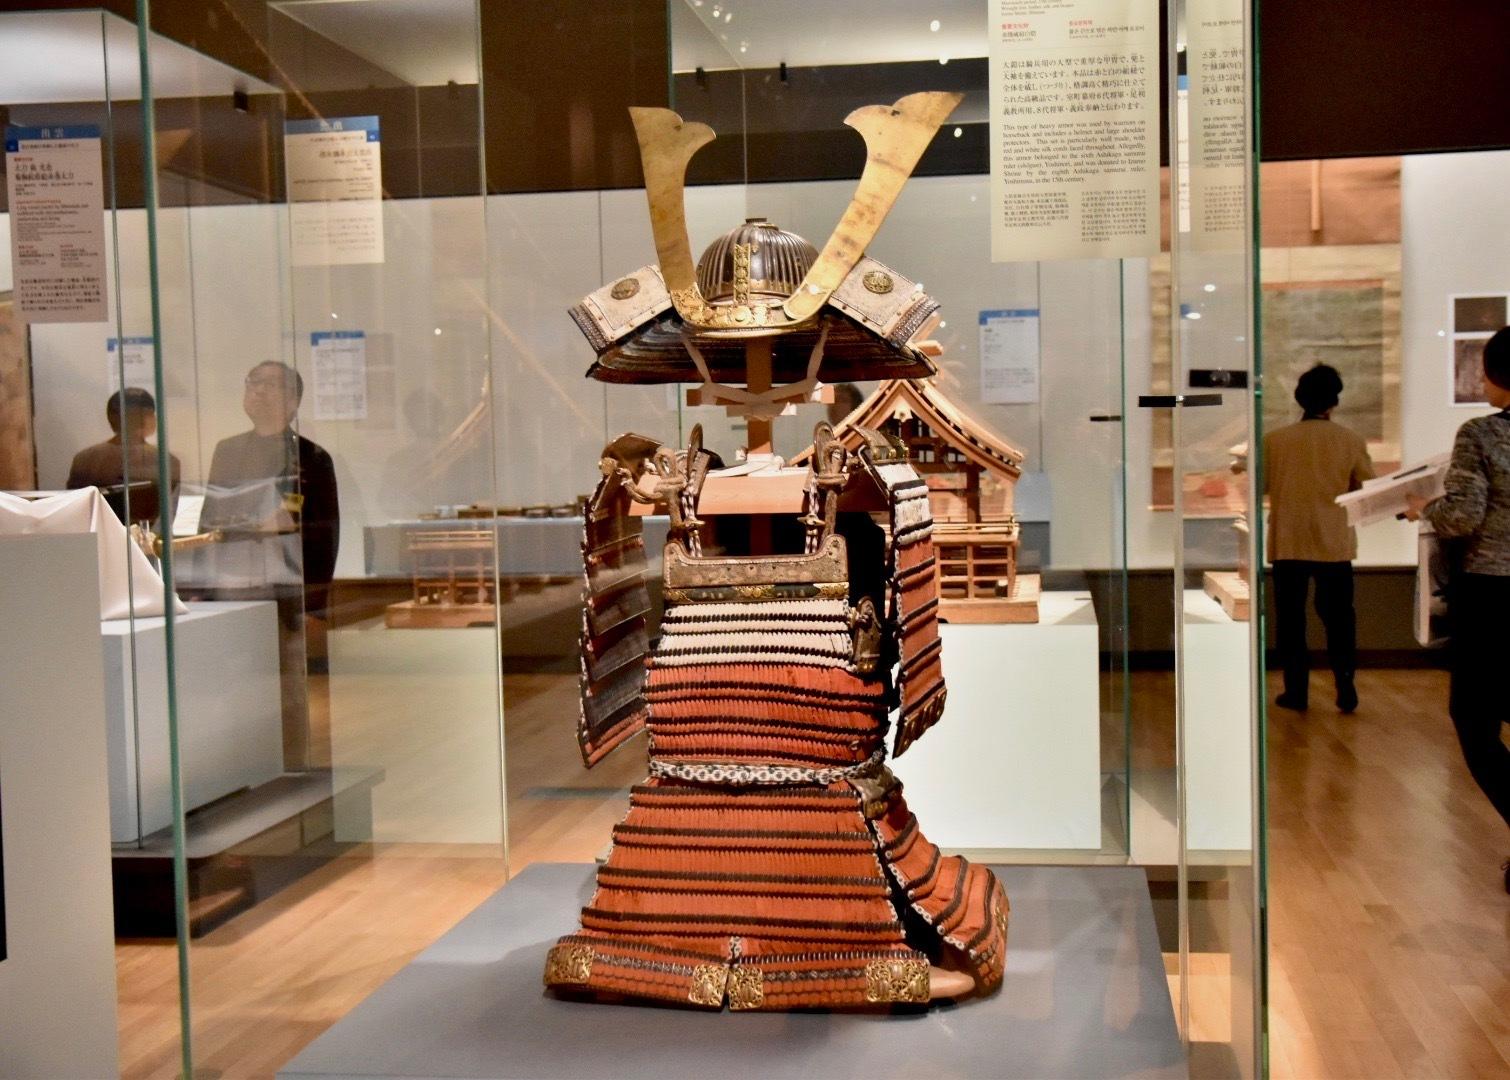 赤糸威肩白鎧(重要文化財) 室町時代 15〜16世紀 島根・出雲大社 前期展示:1月15日~2月9日